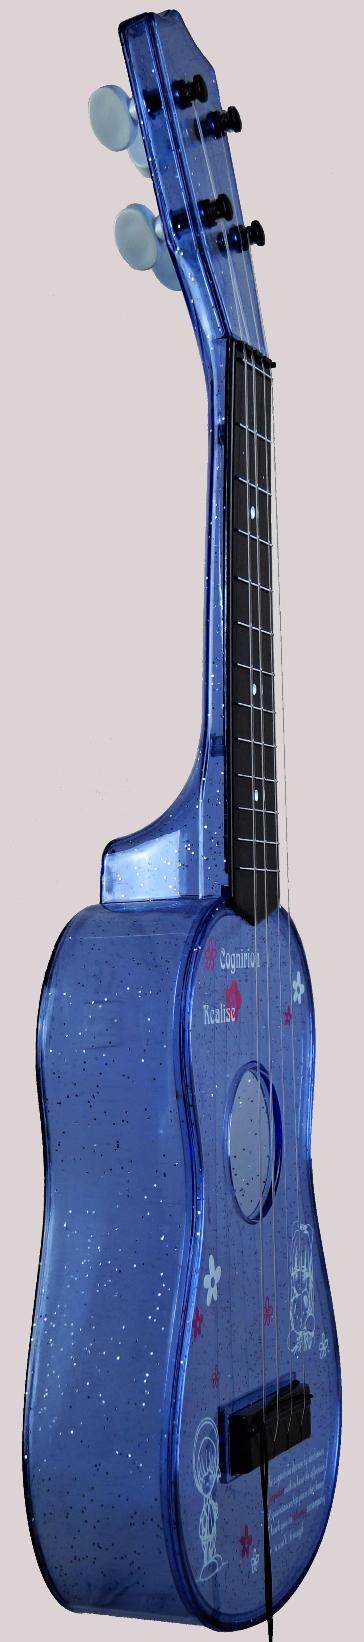 Zhejiang Dongri plastic standard Ukulele